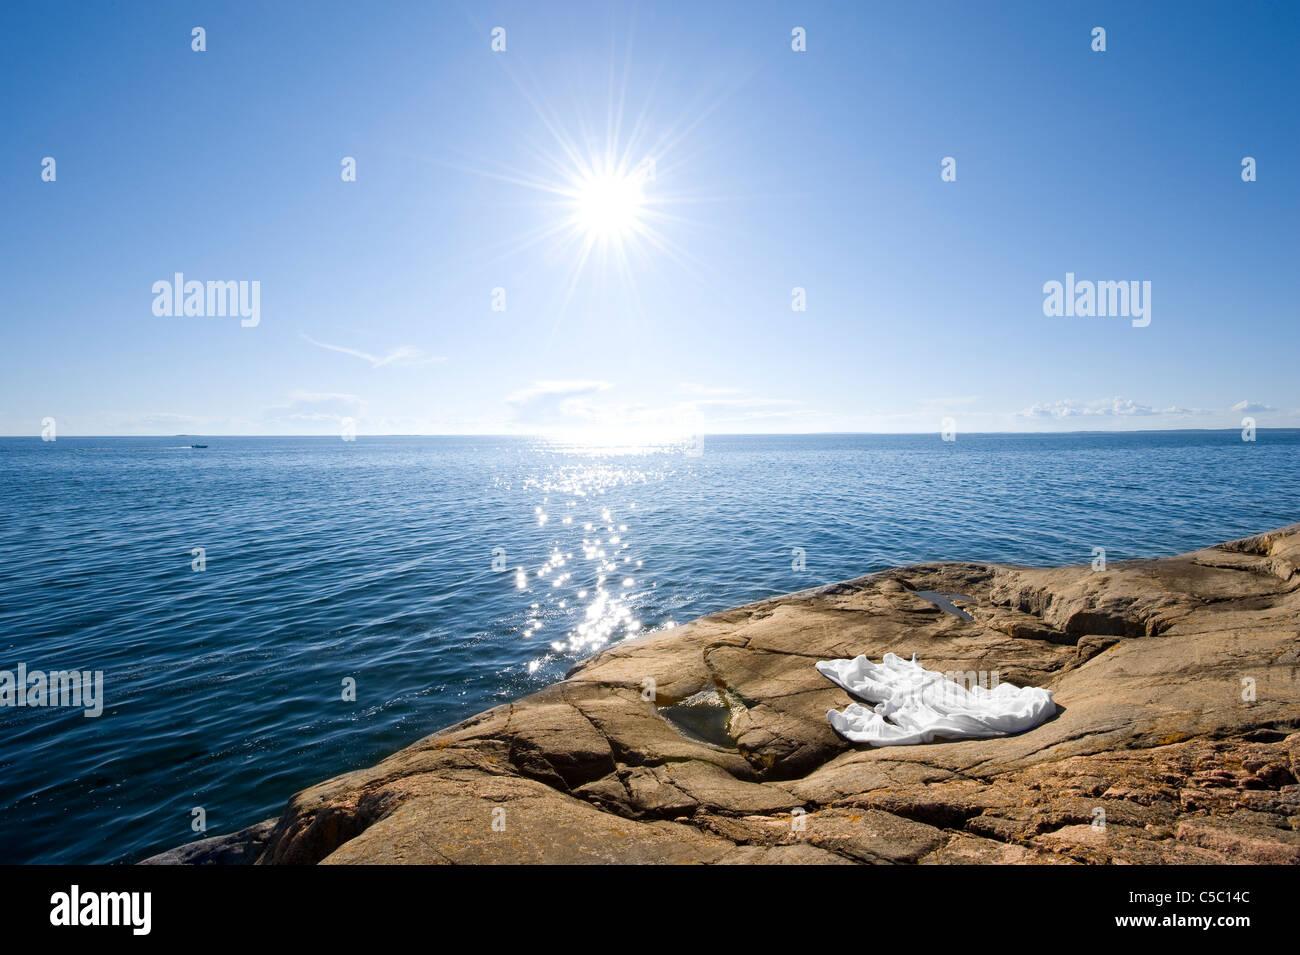 Par la falaise mer pittoresque et paisible sur une journée ensoleillée Photo Stock